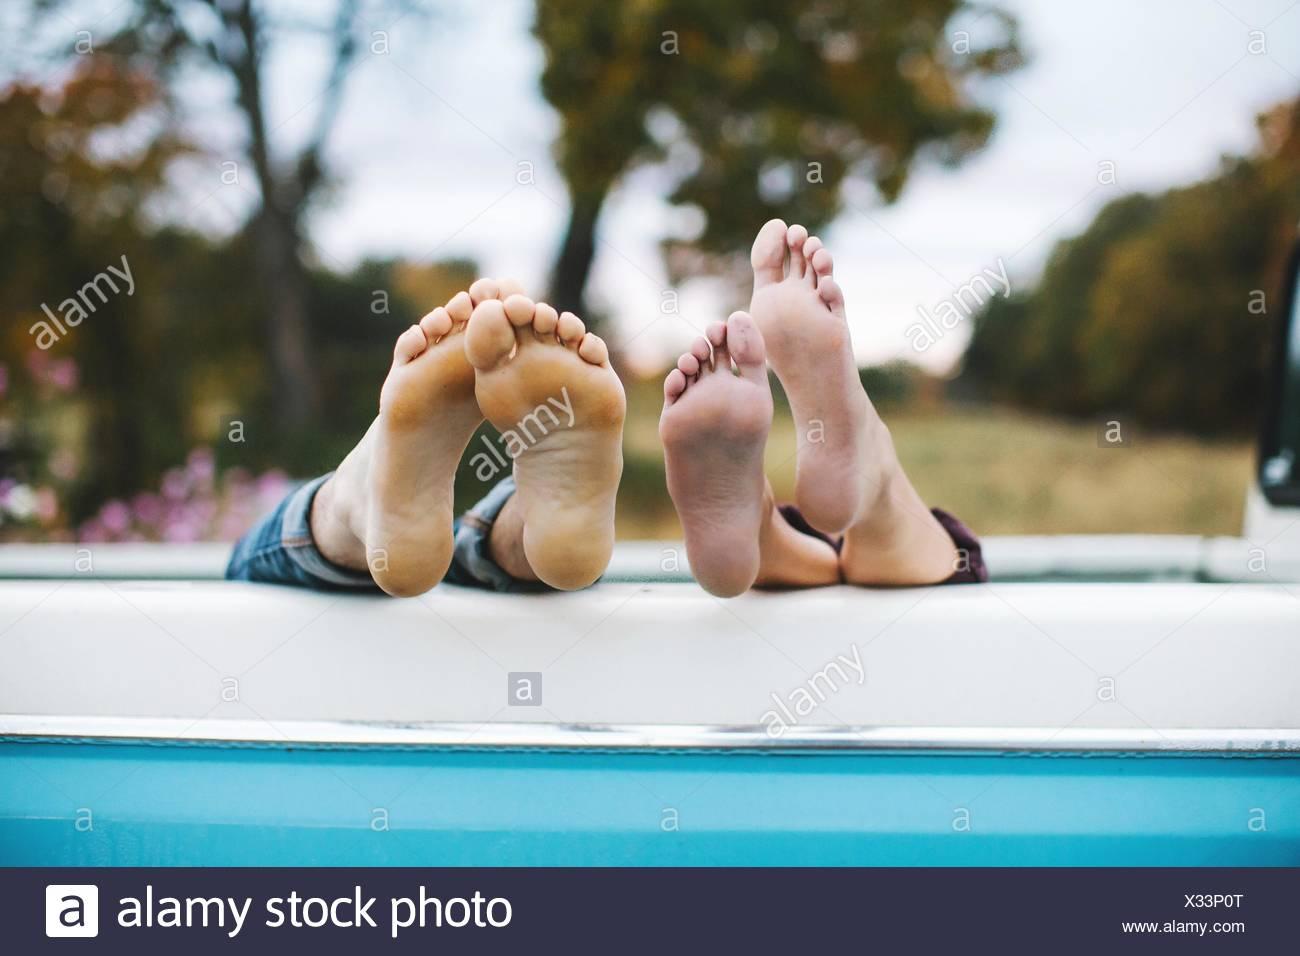 Pareja joven tumbado en la parte trasera de la carretilla, los pies descalzos en el borde de la carretilla, se centran en los pies Imagen De Stock